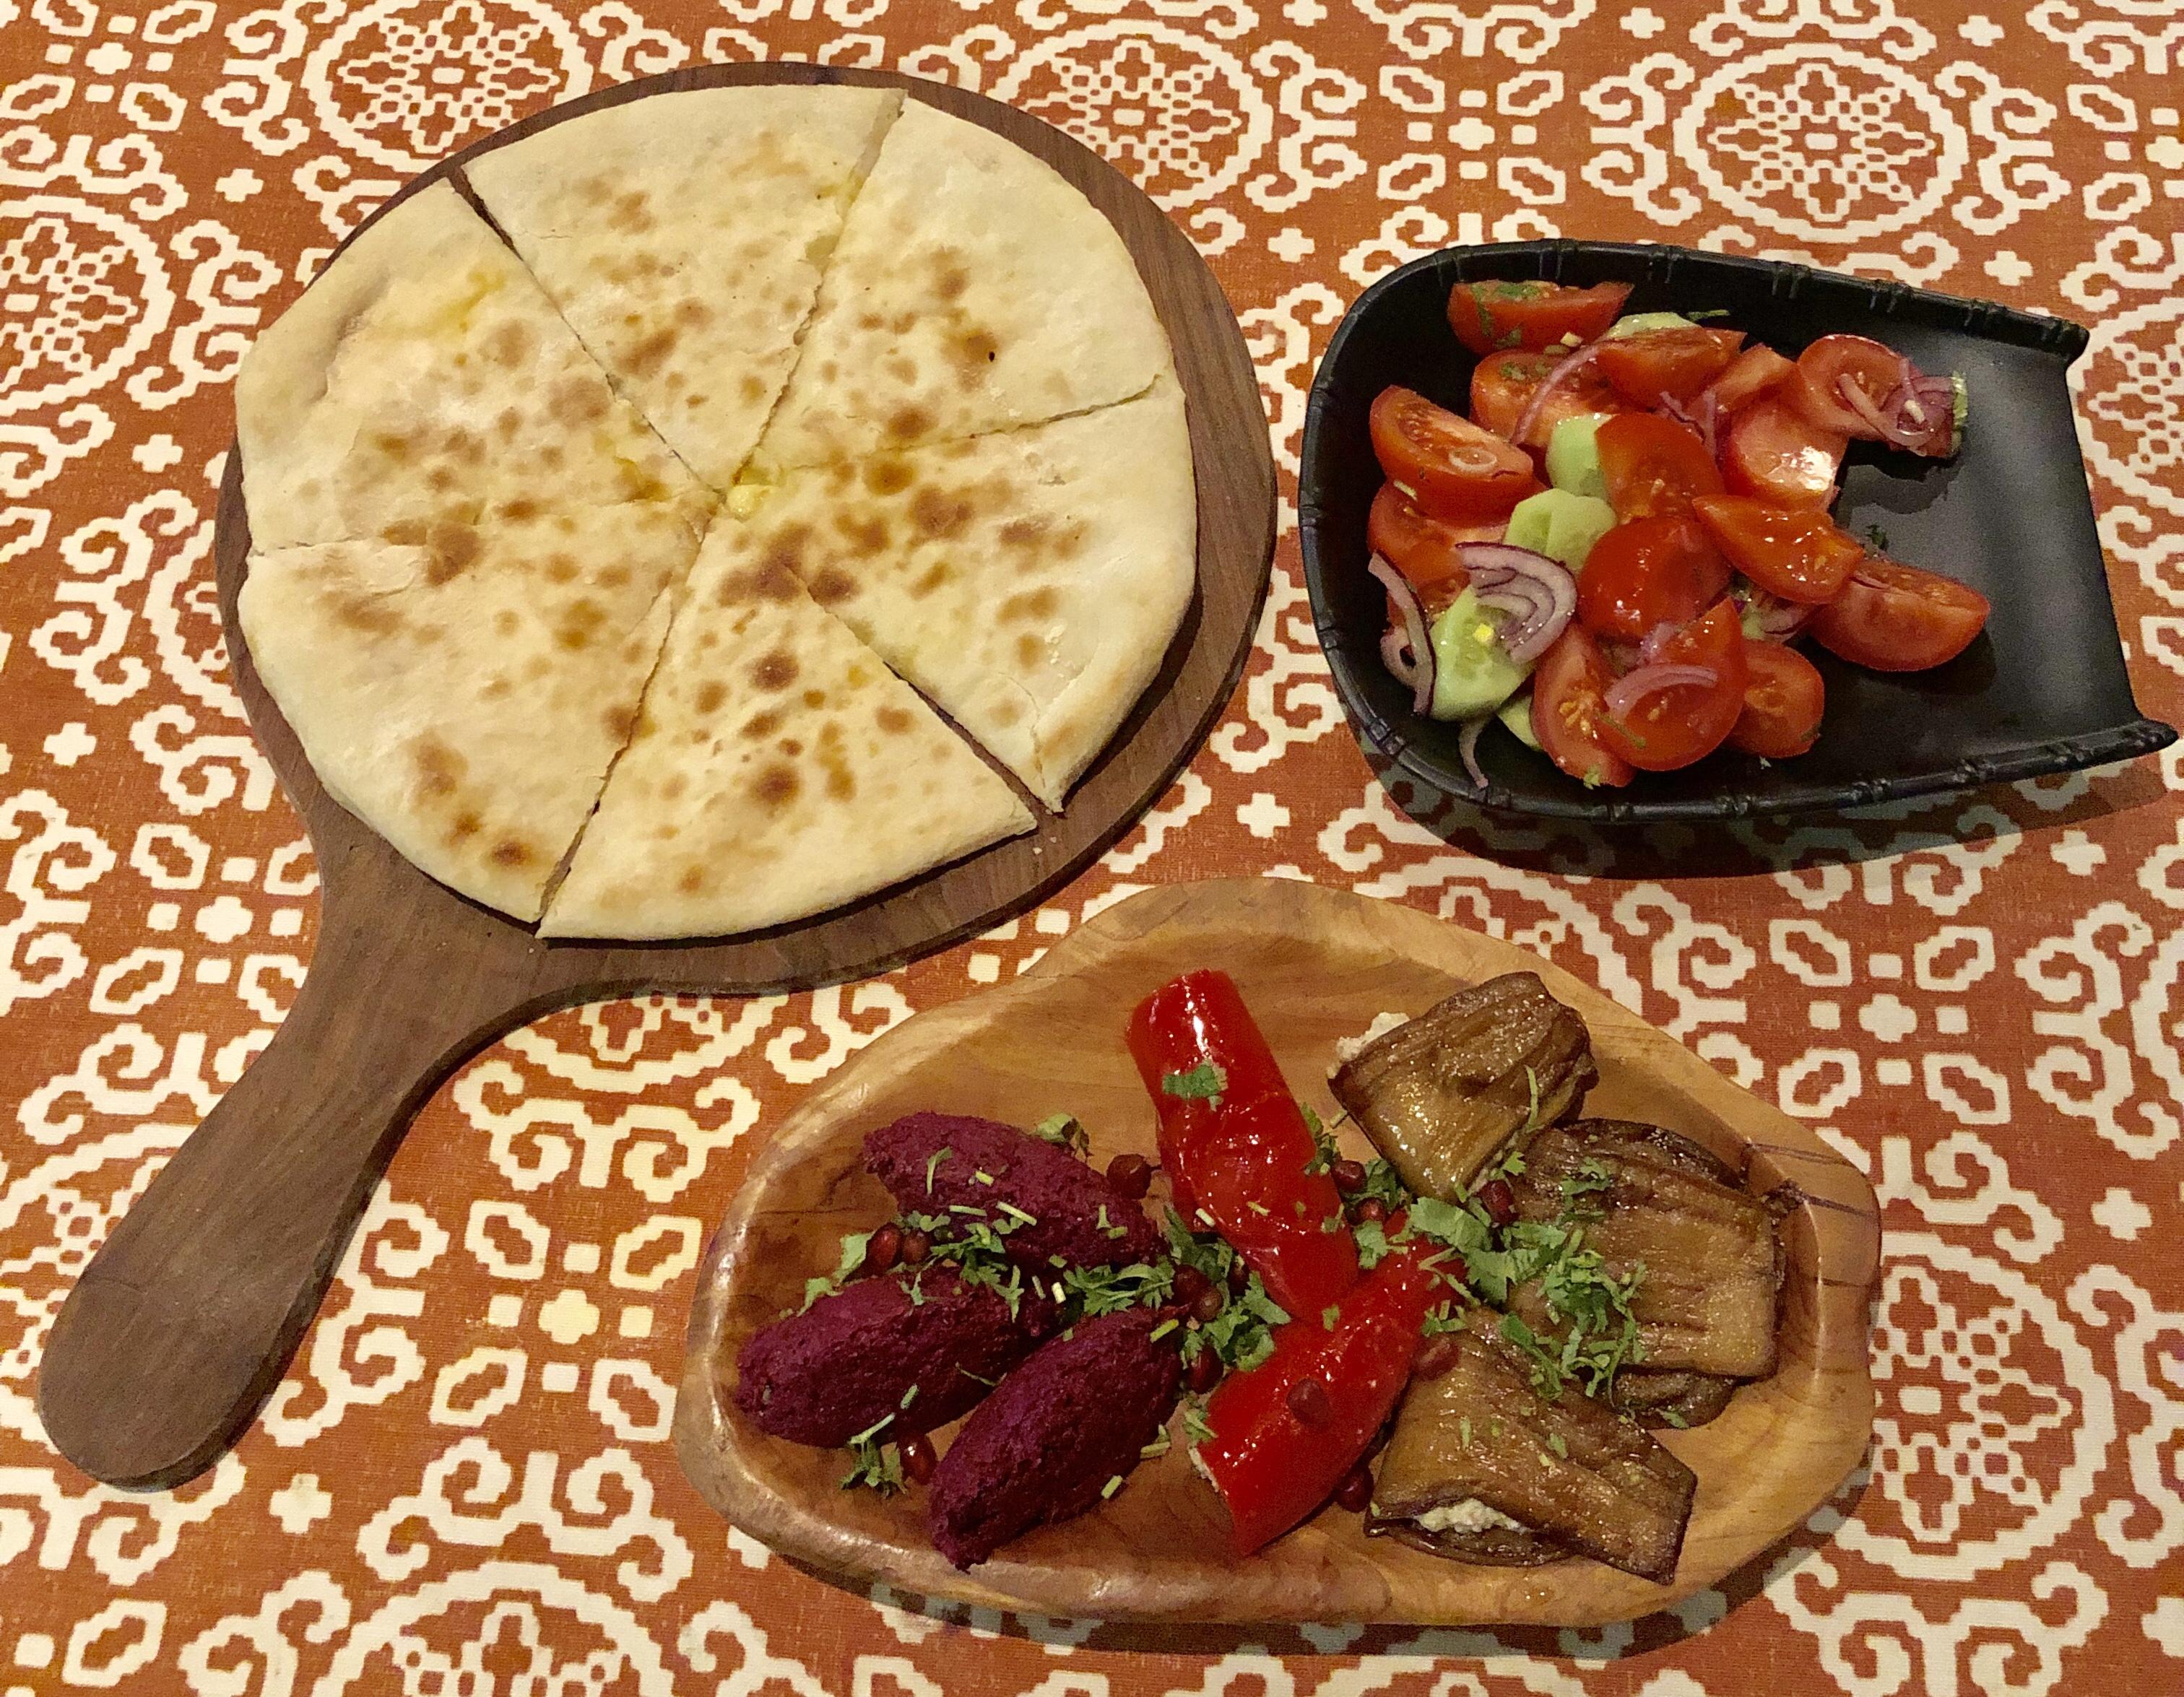 Georgian food in Dubai